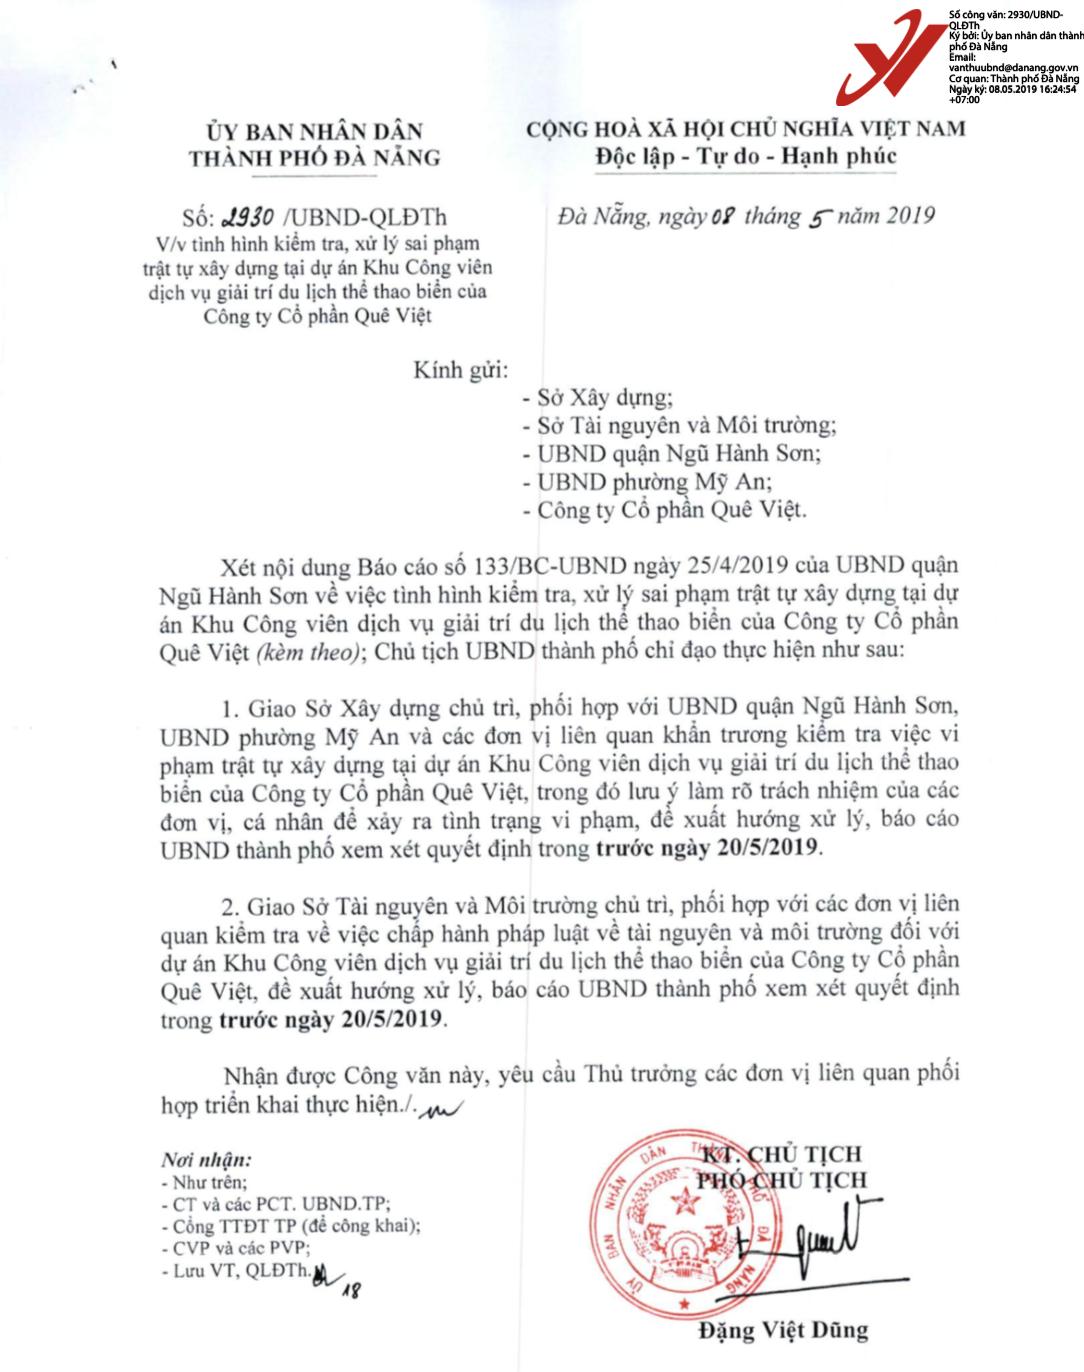 Xây không phép hàng loạt hạng mục tại Khu Công viên dịch vụ giải trí du lịch thể thao biển - Danabeach ở Đà Nẵng - Ảnh 3.